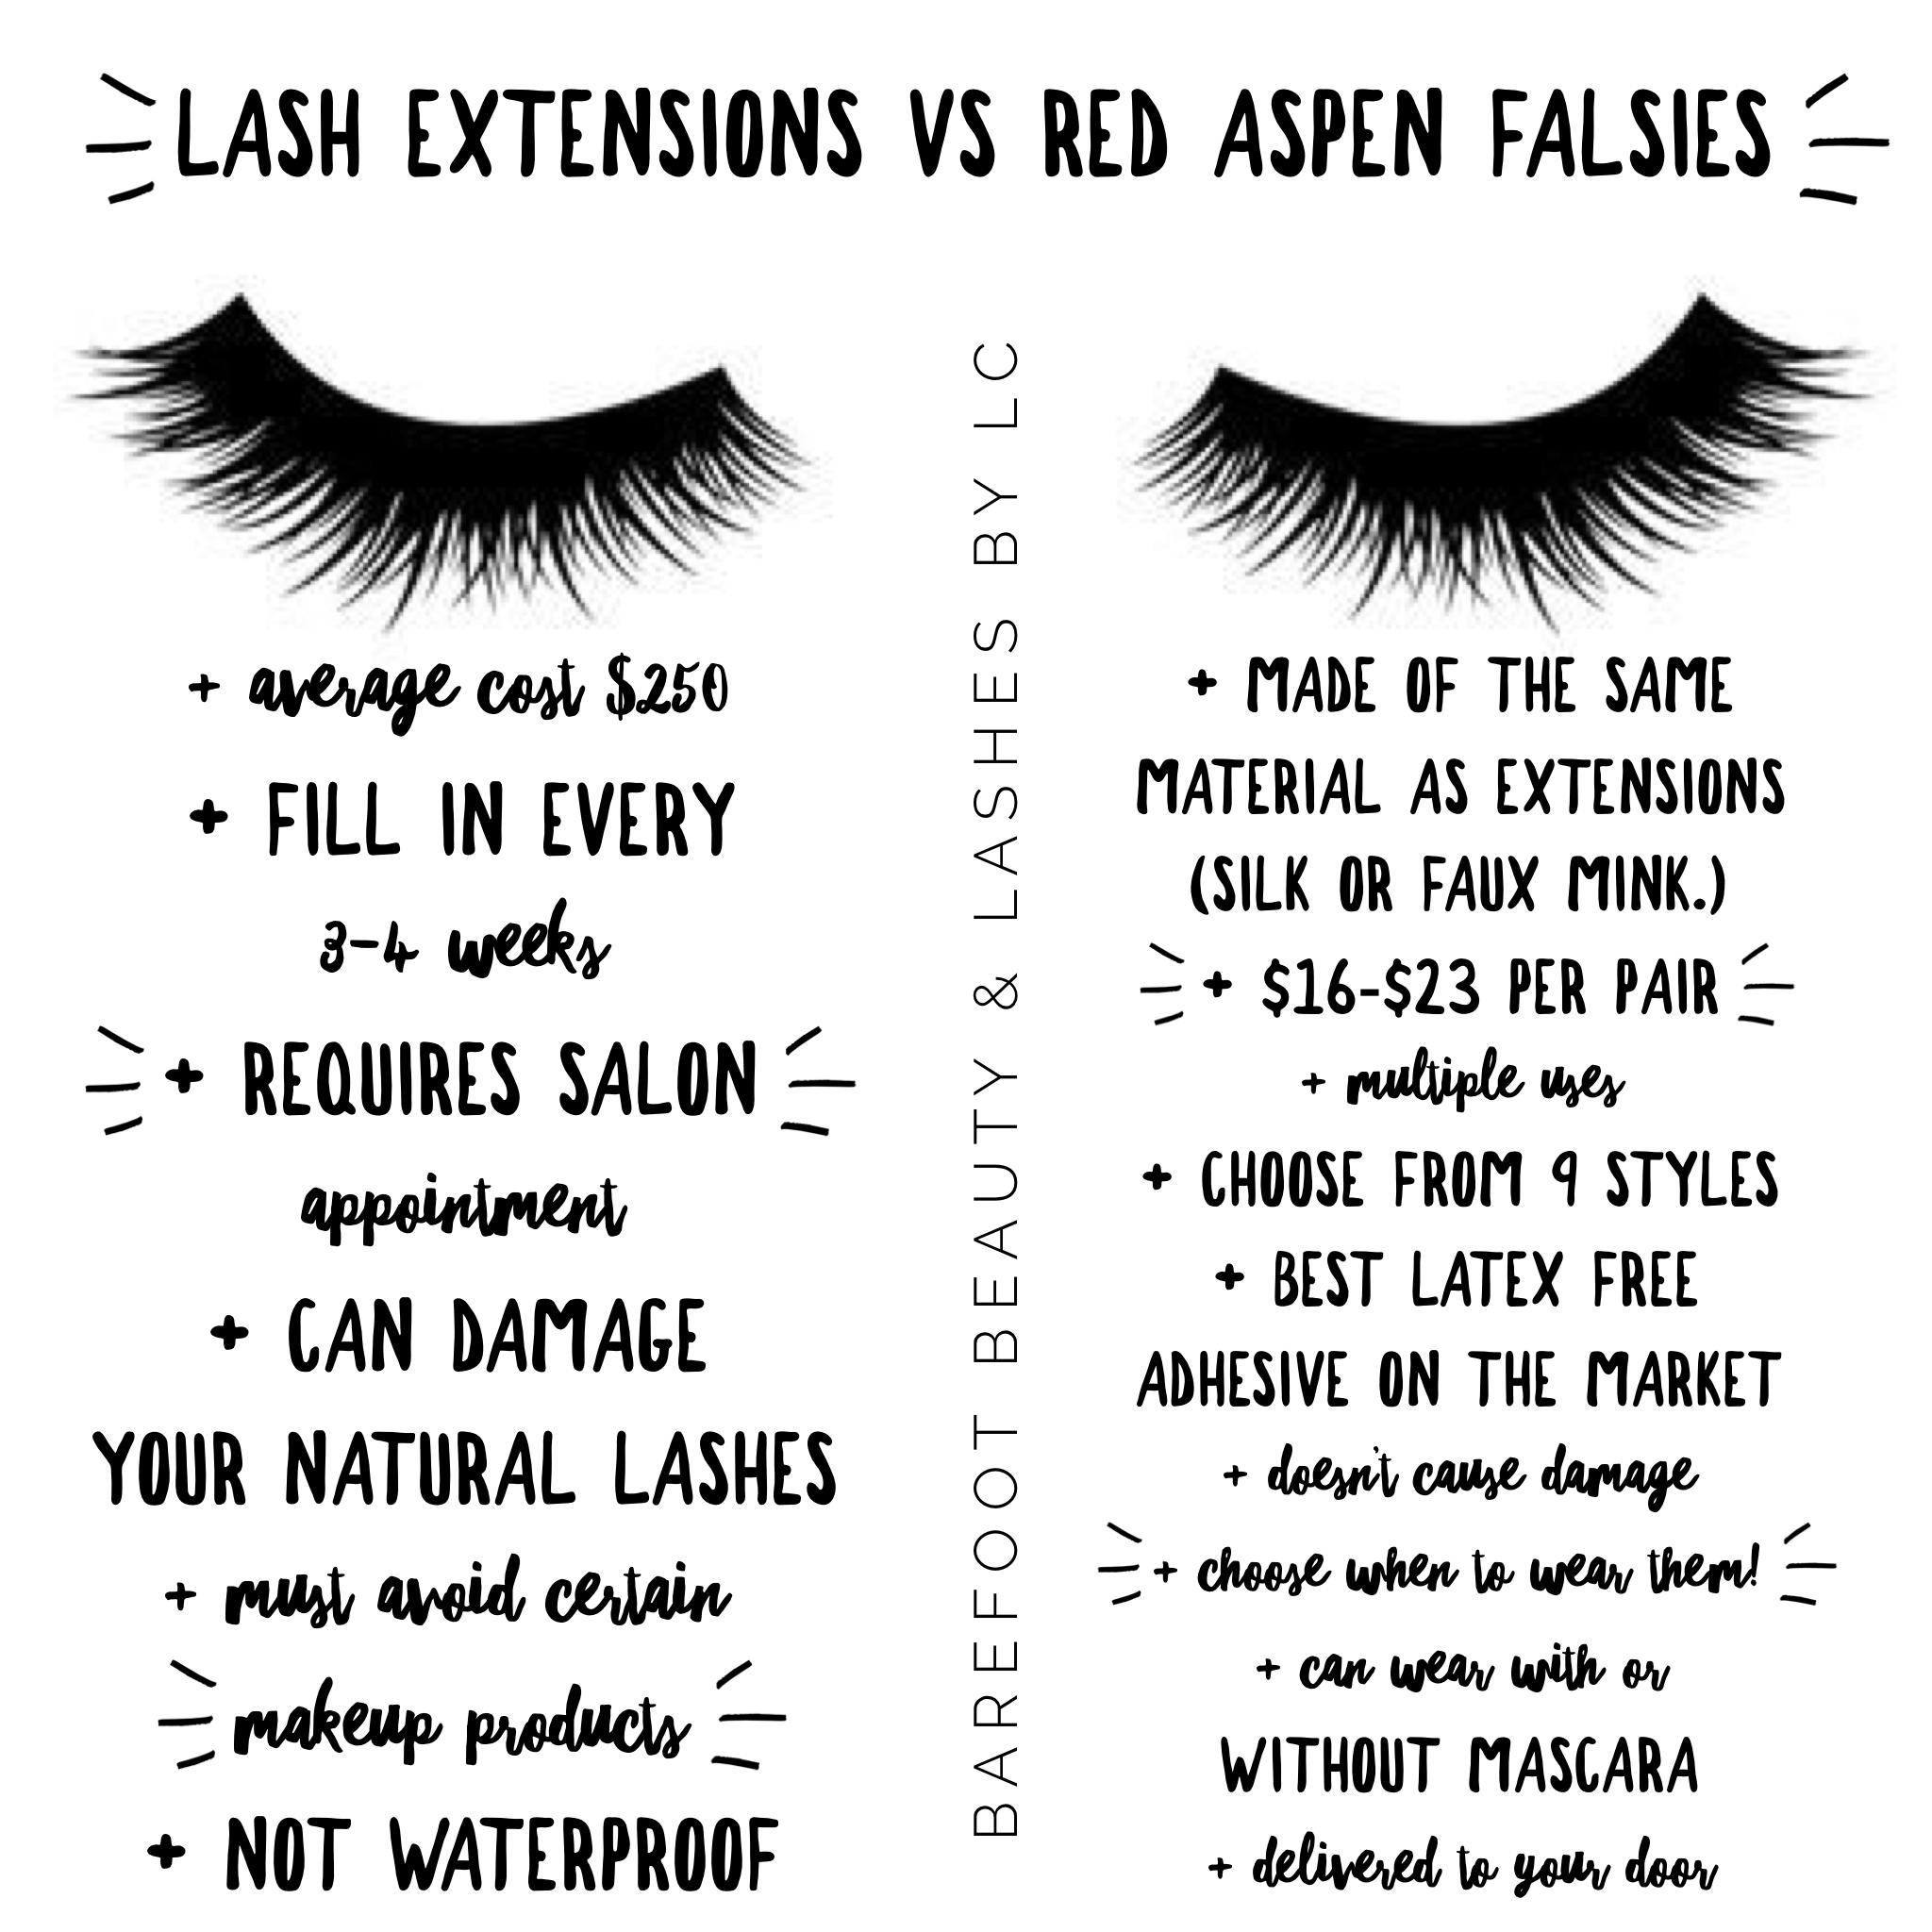 16f32cfa034 Lash Extensions vs False Lashes #lashextensions #falsies #lashes -#eyelashes  #versus